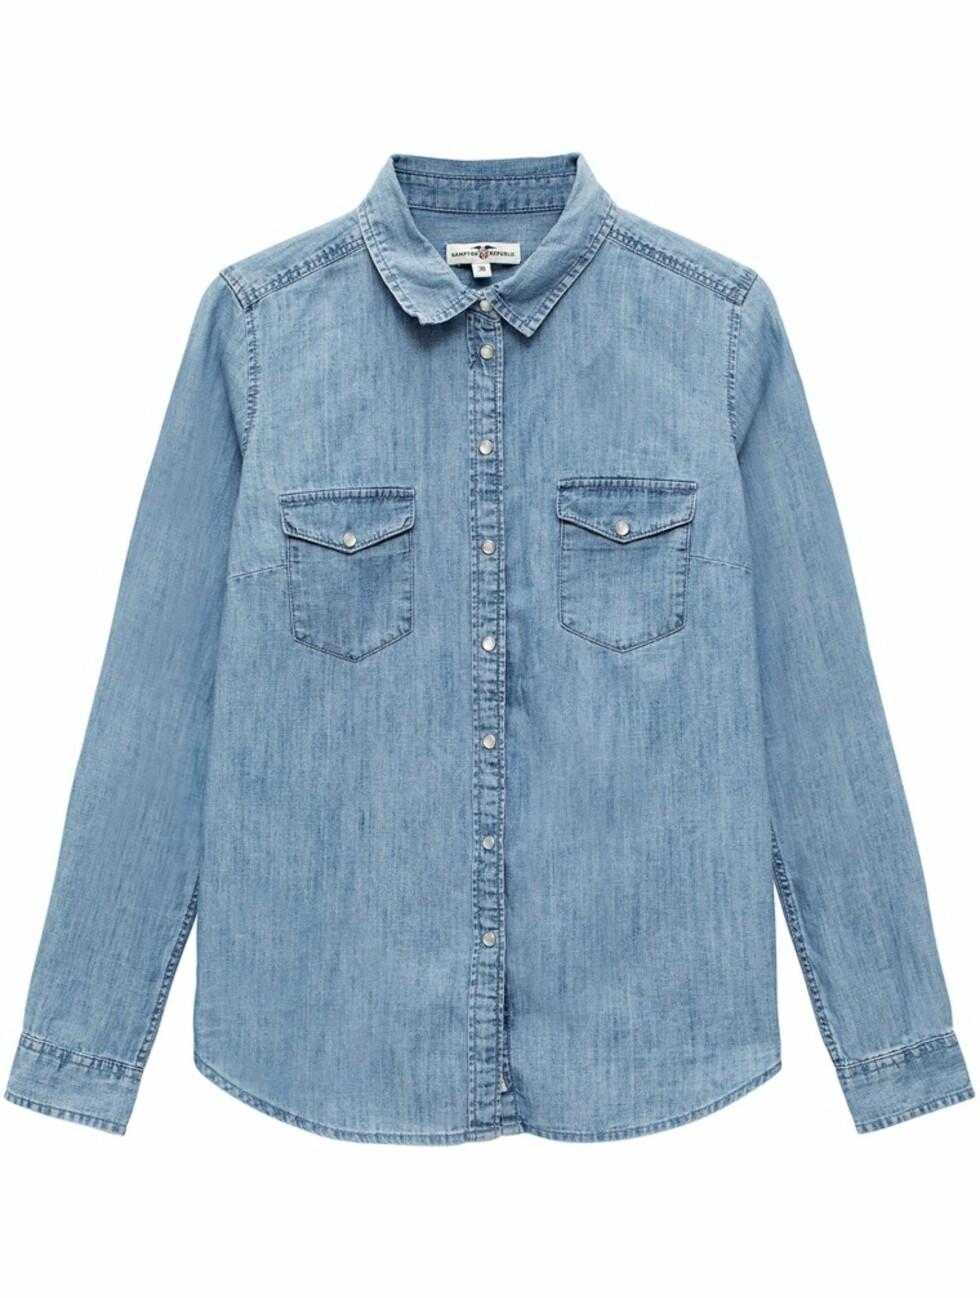 Skjorte fra Kappahl |399,-| https://www.kappahl.com/nn-no/dame/skjorter/jeansskjorte/872564